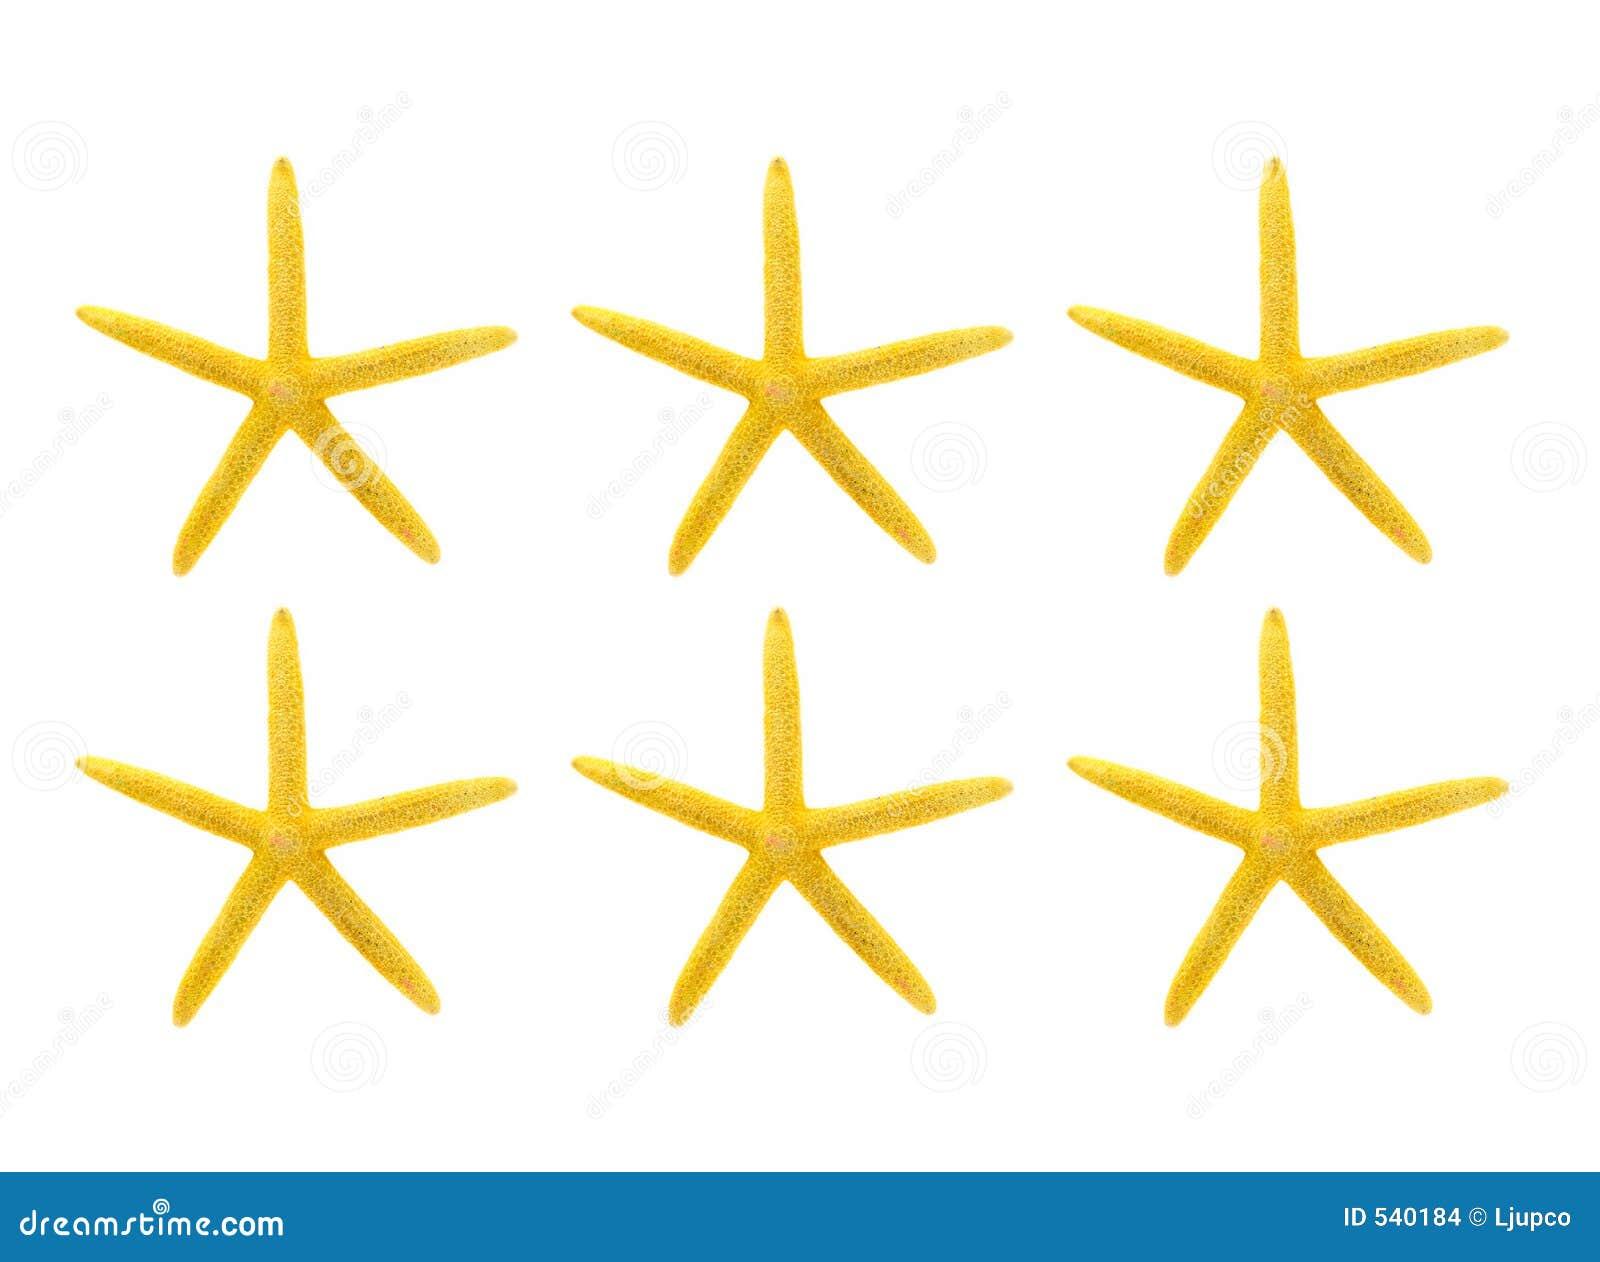 Download 背景海星空白黄色 库存照片. 图片 包括有 无脊椎, 烘干, 海鲜, 火箭筒, 生物, 珊瑚, 软体动物, 存在 - 540184